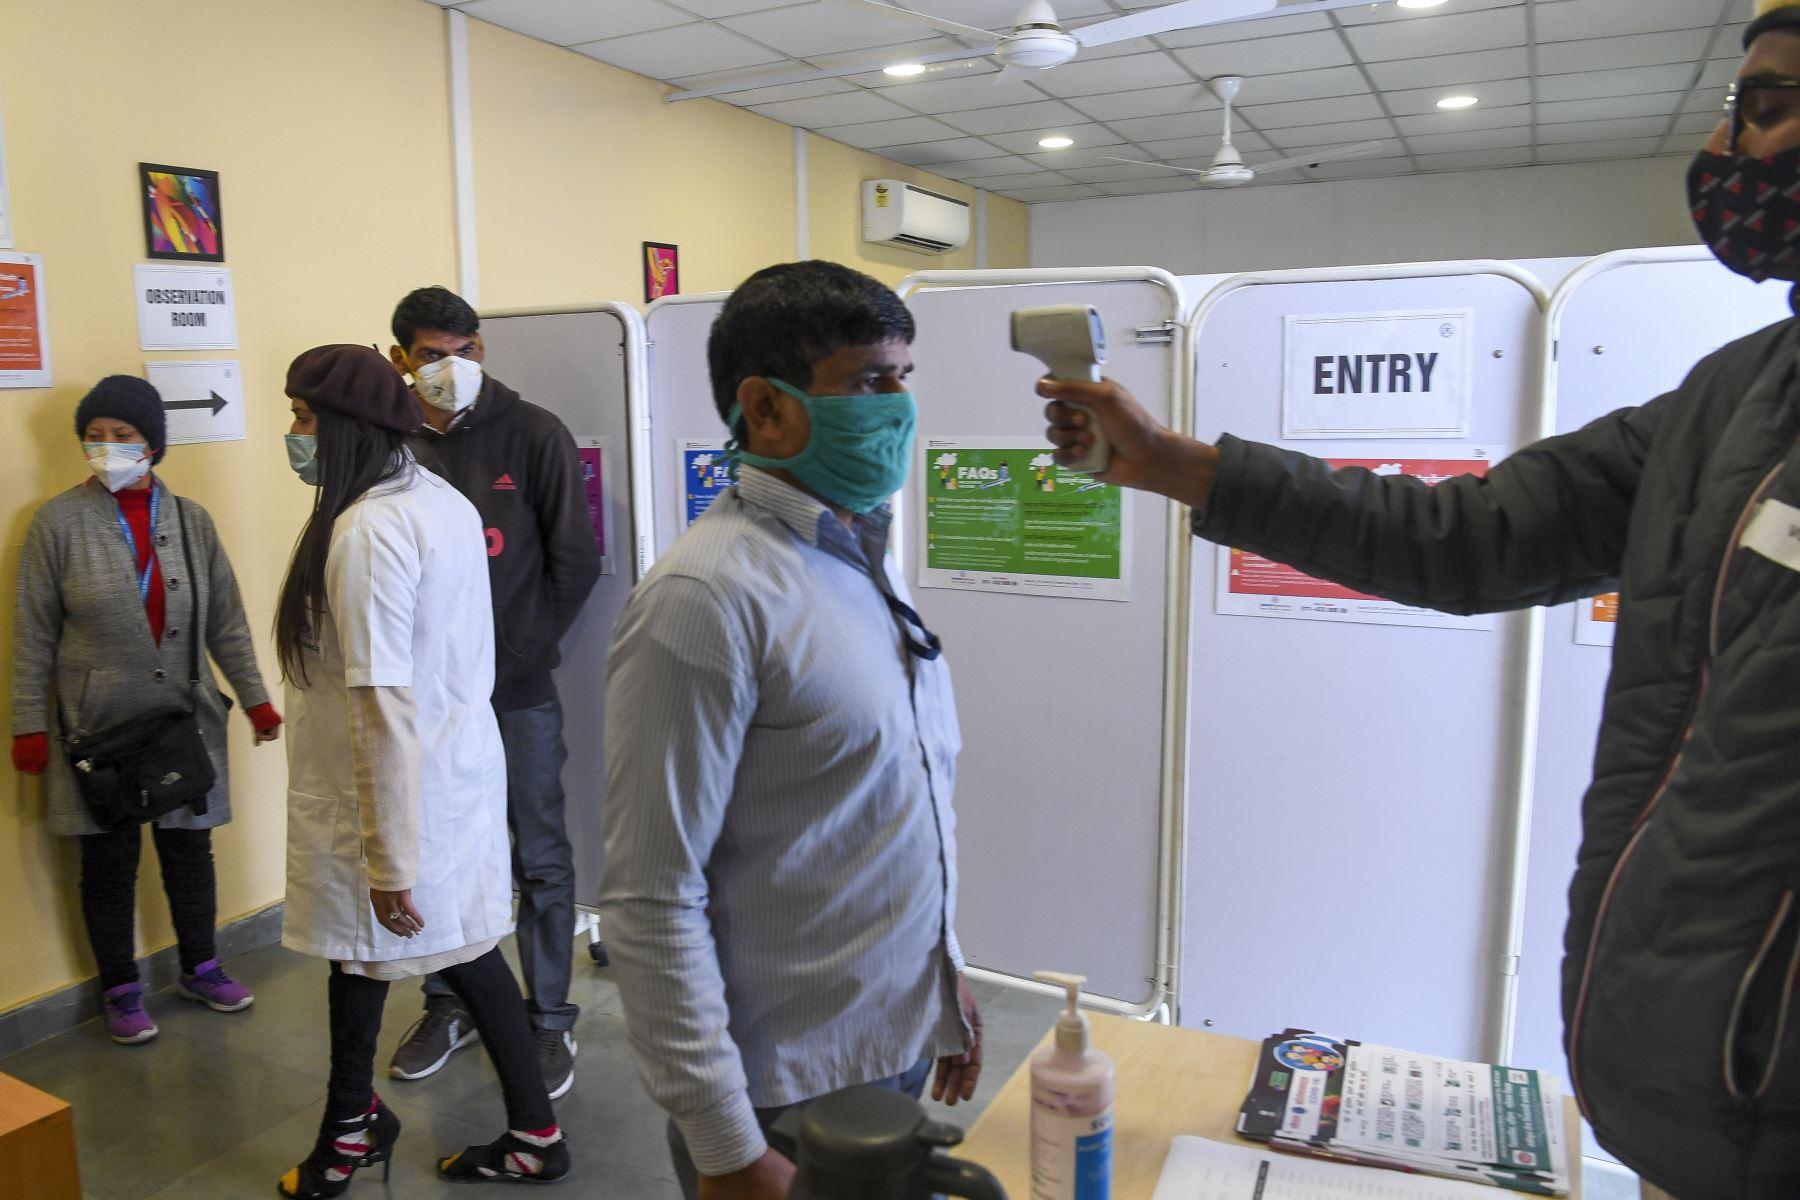 Un trabajador médico llega para ser inoculado con una vacuna contra el coronavirus Covid-19 en un hospital de Nueva Delhi. Foto: AFP